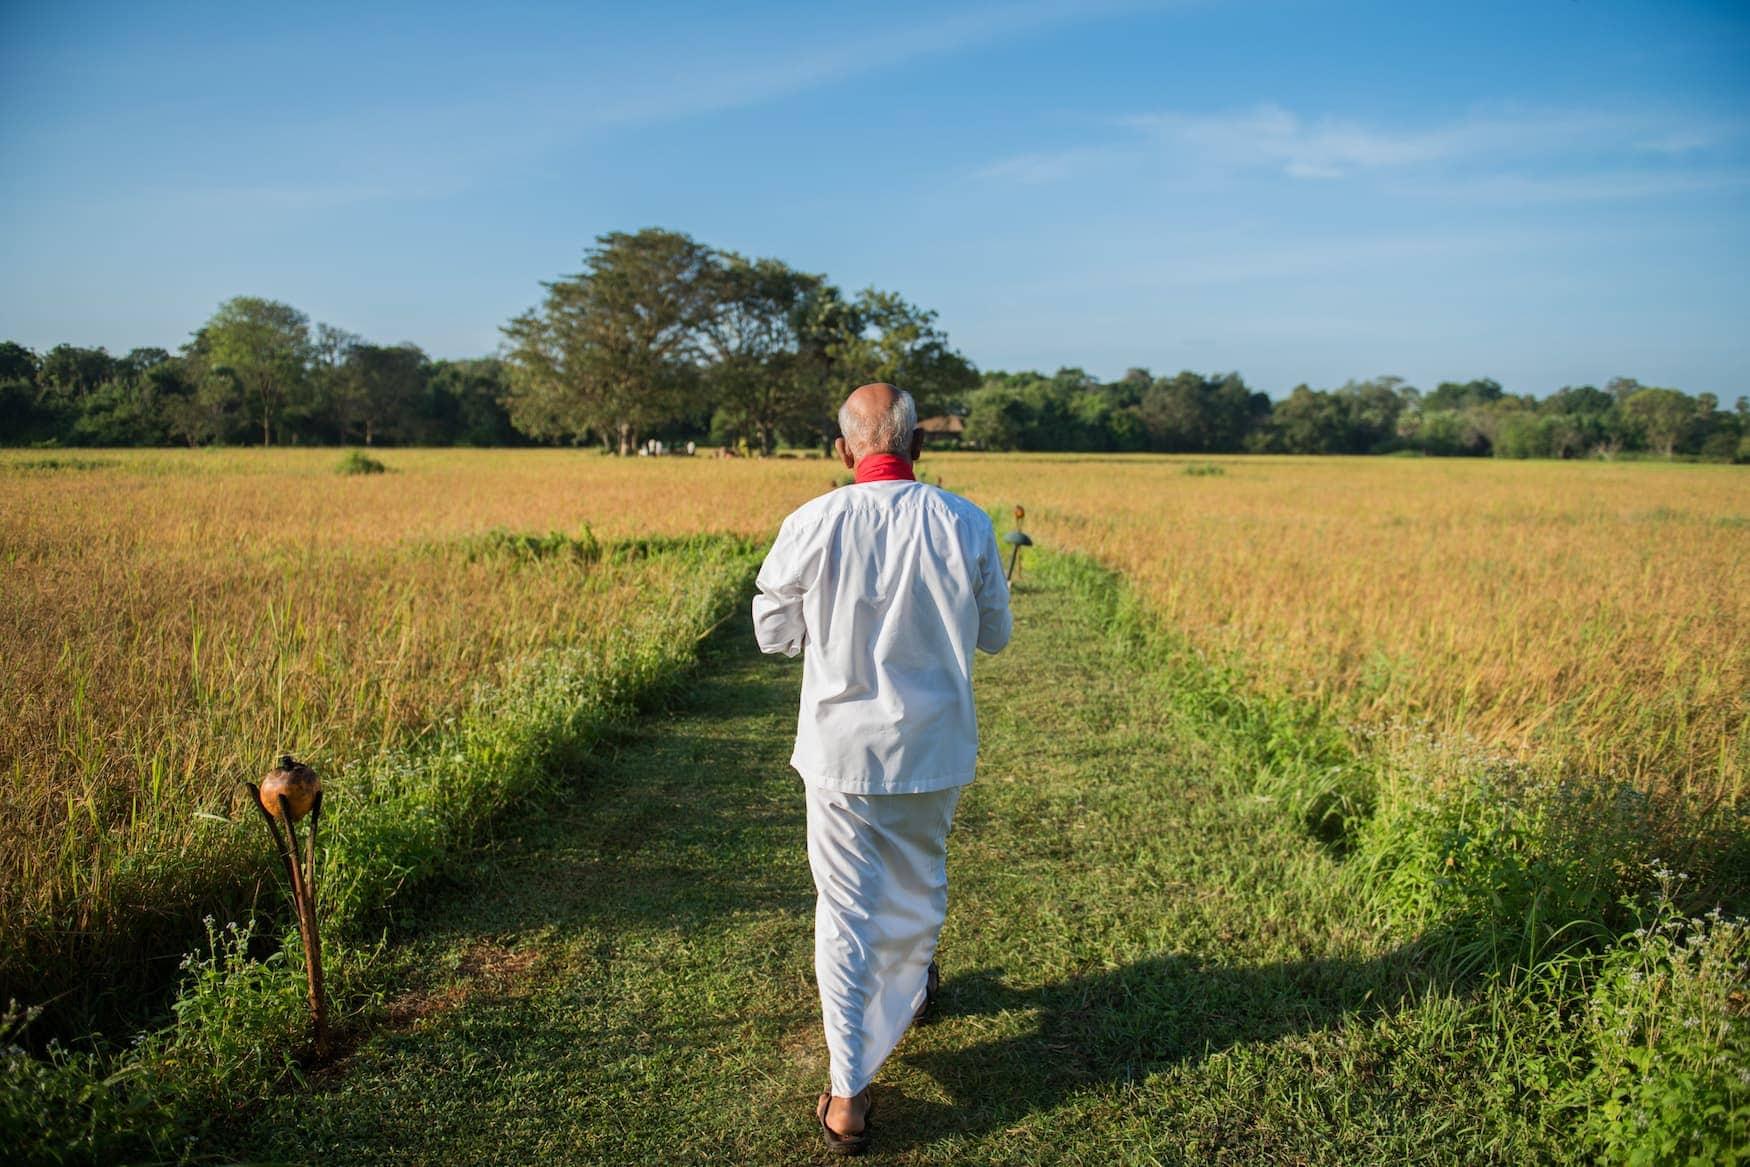 Mann spaziert durch Reisfelder